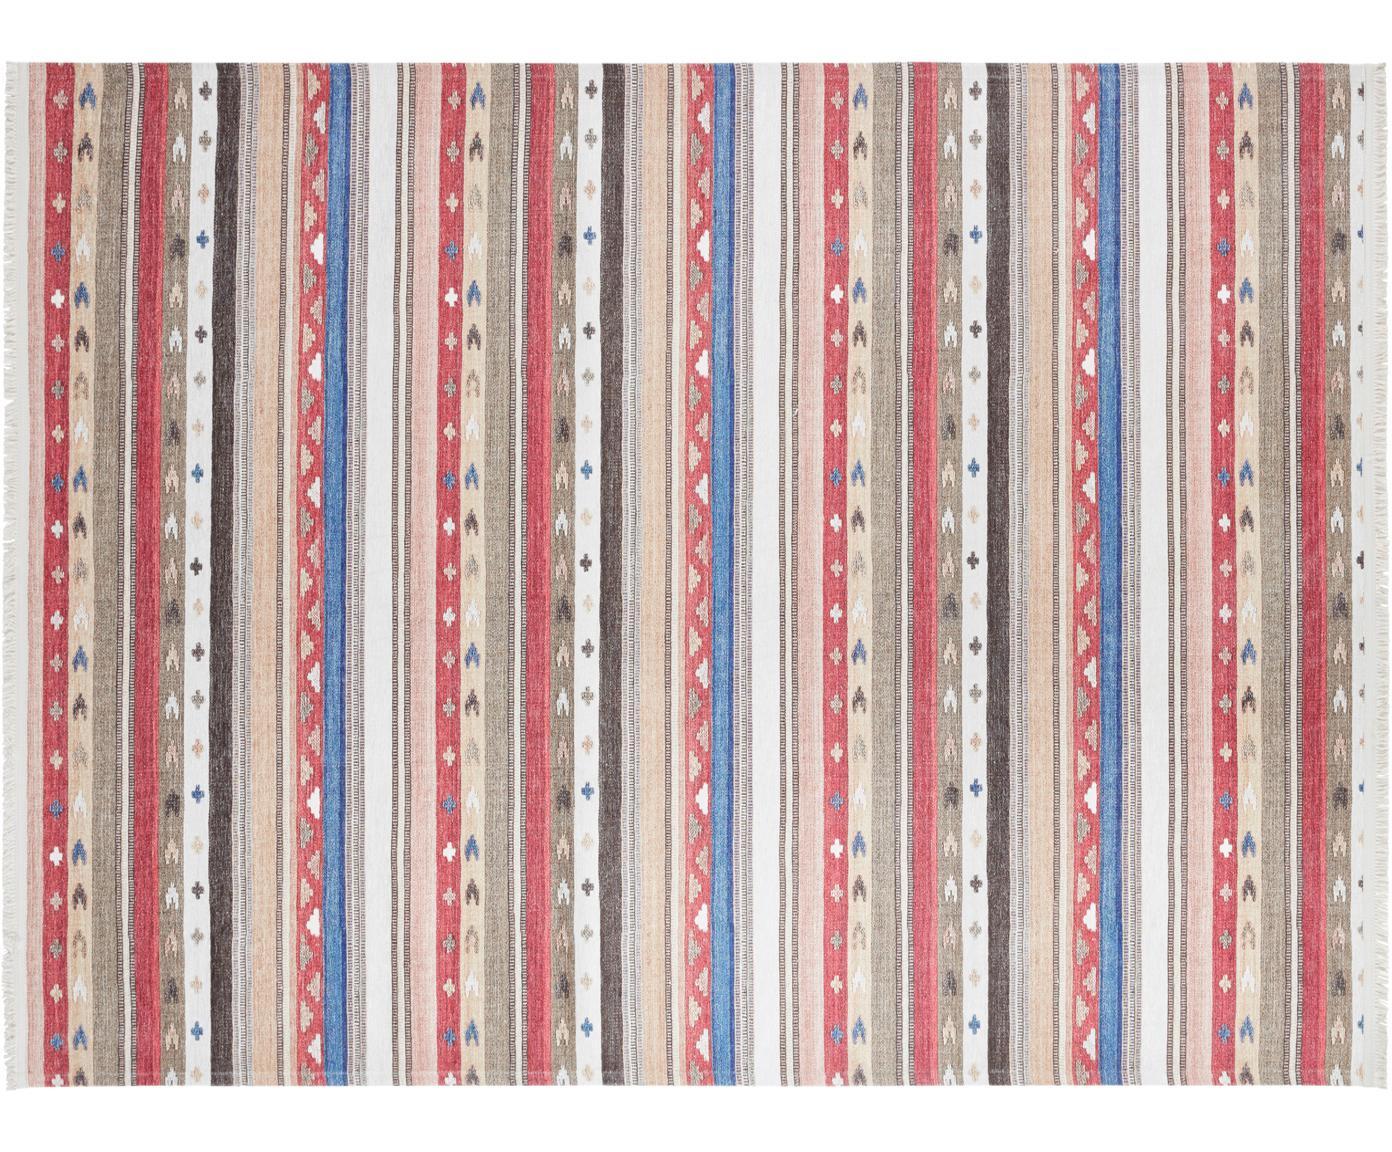 Tappeto a righe Senon, Retro: poliestere, Multicolore, Larg. 120 x Lung. 160 cm (taglia S)